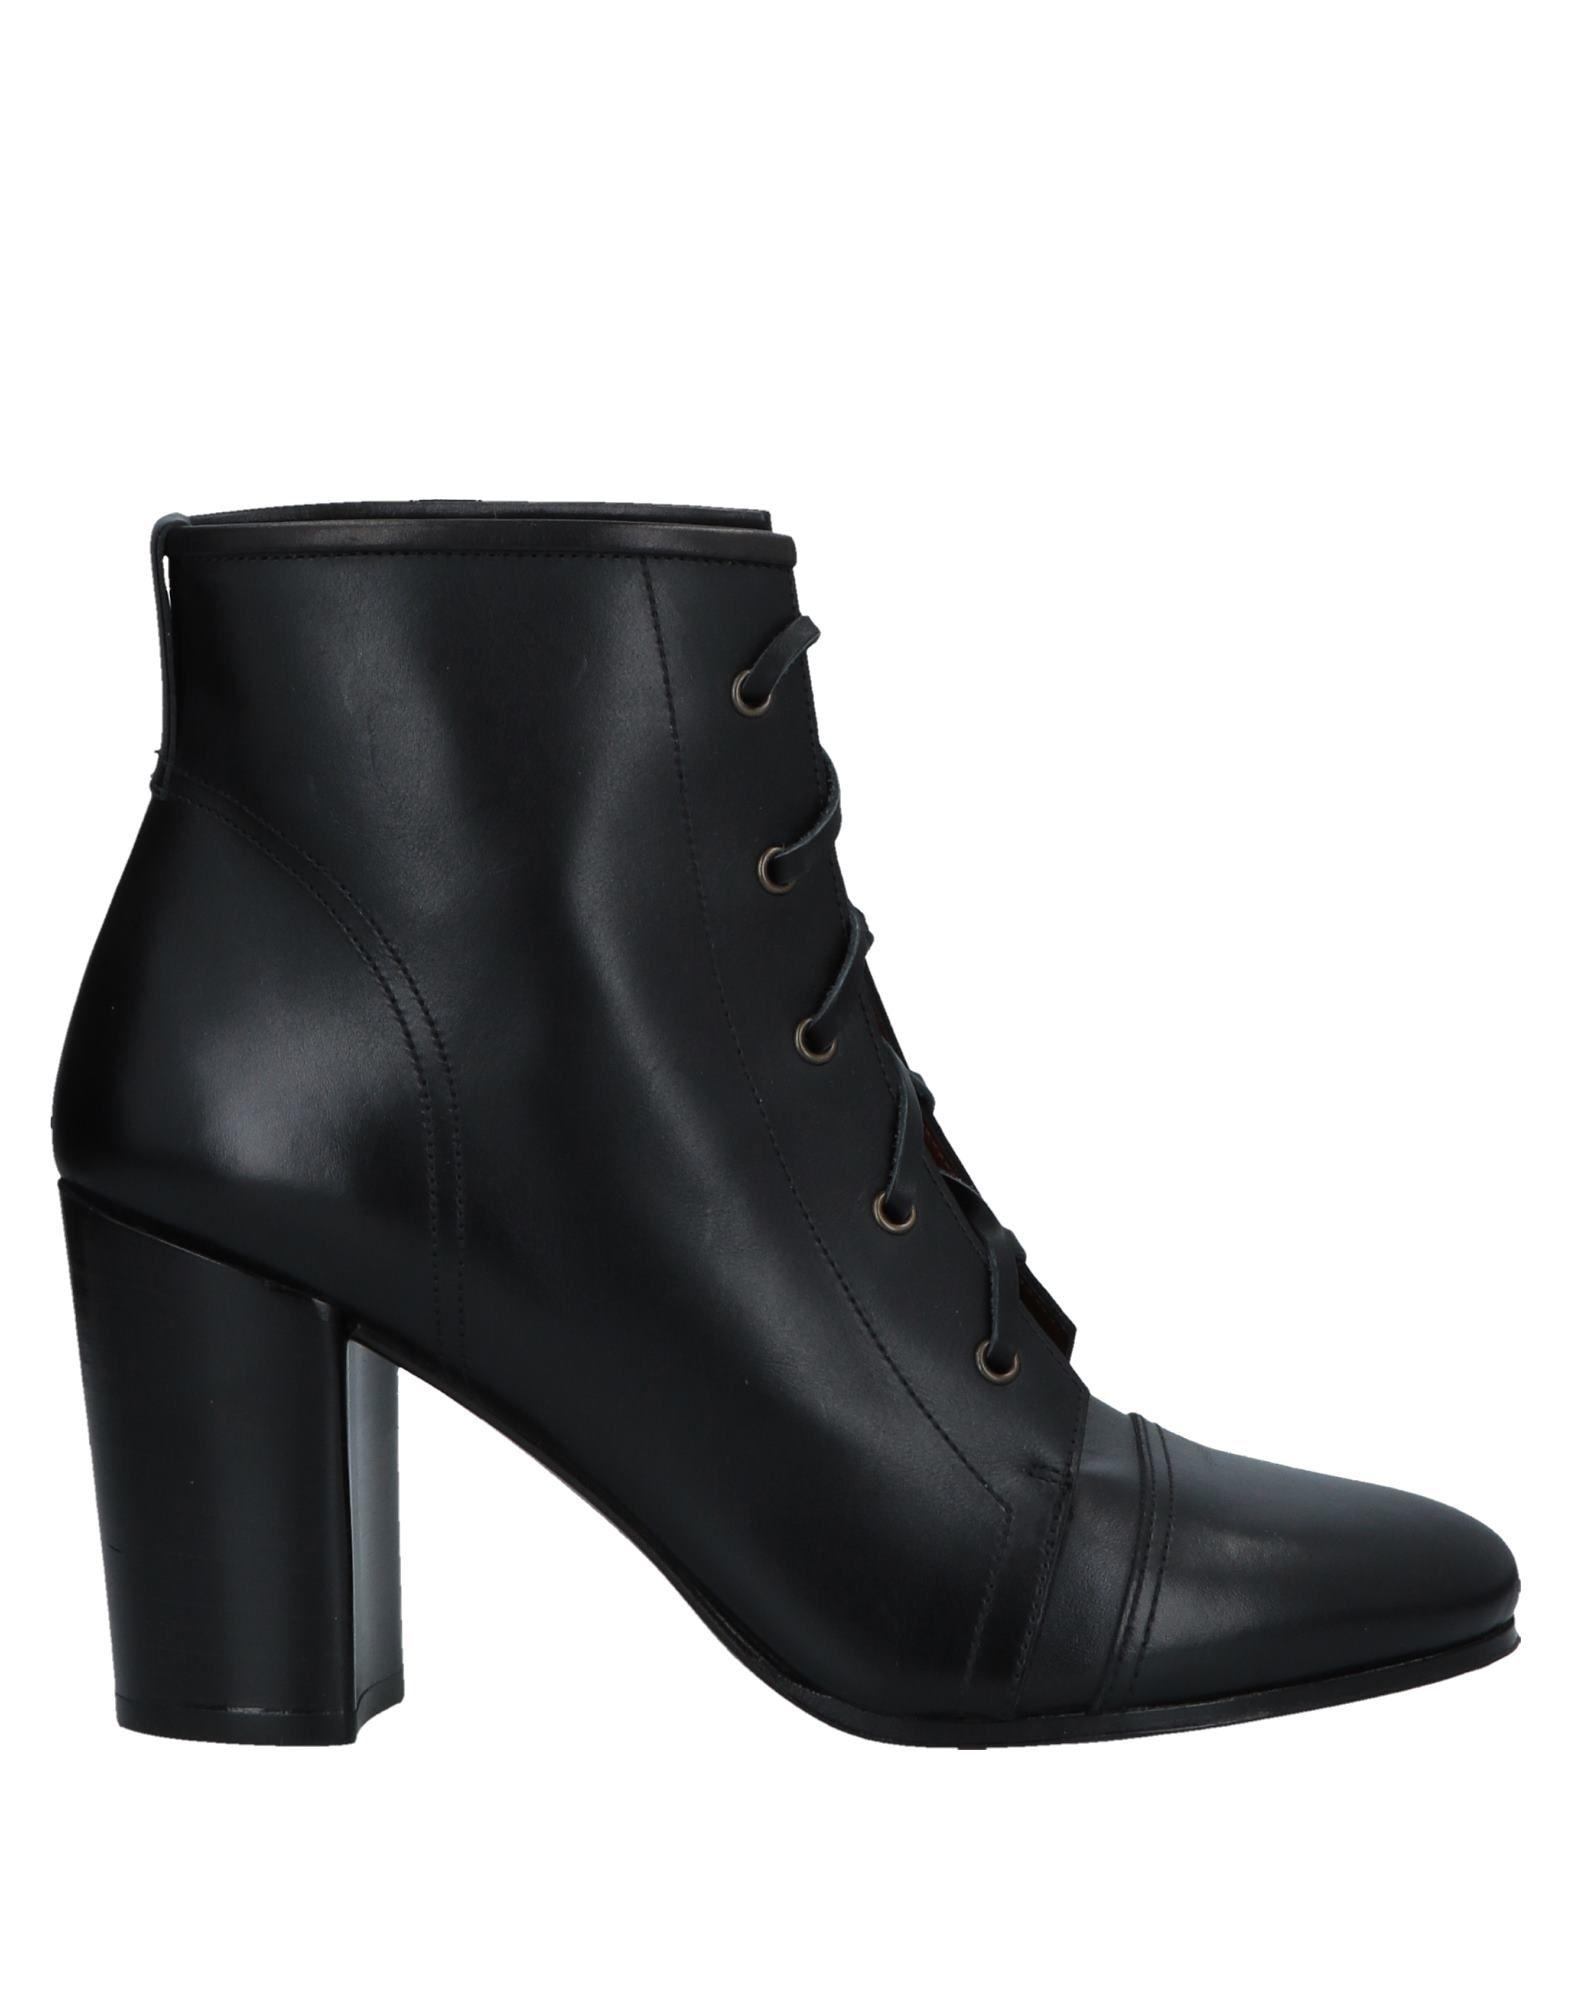 MICHEL VIVIEN Полусапоги и высокие ботинки цены онлайн